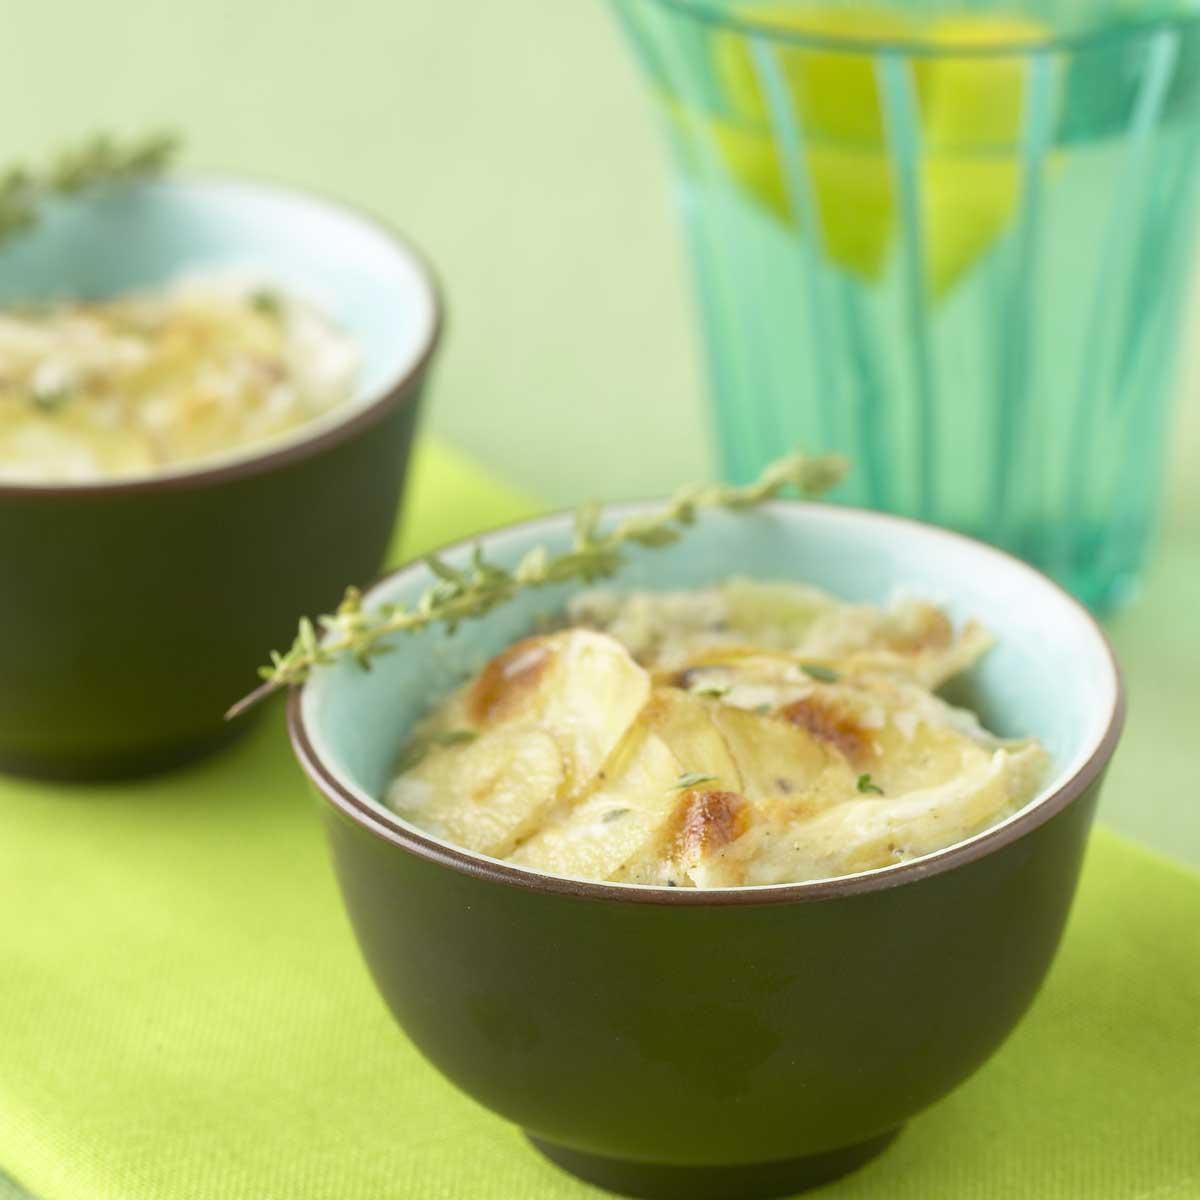 Recette Gratin De Pommes De Terre Au Thym Citronne Cuisine